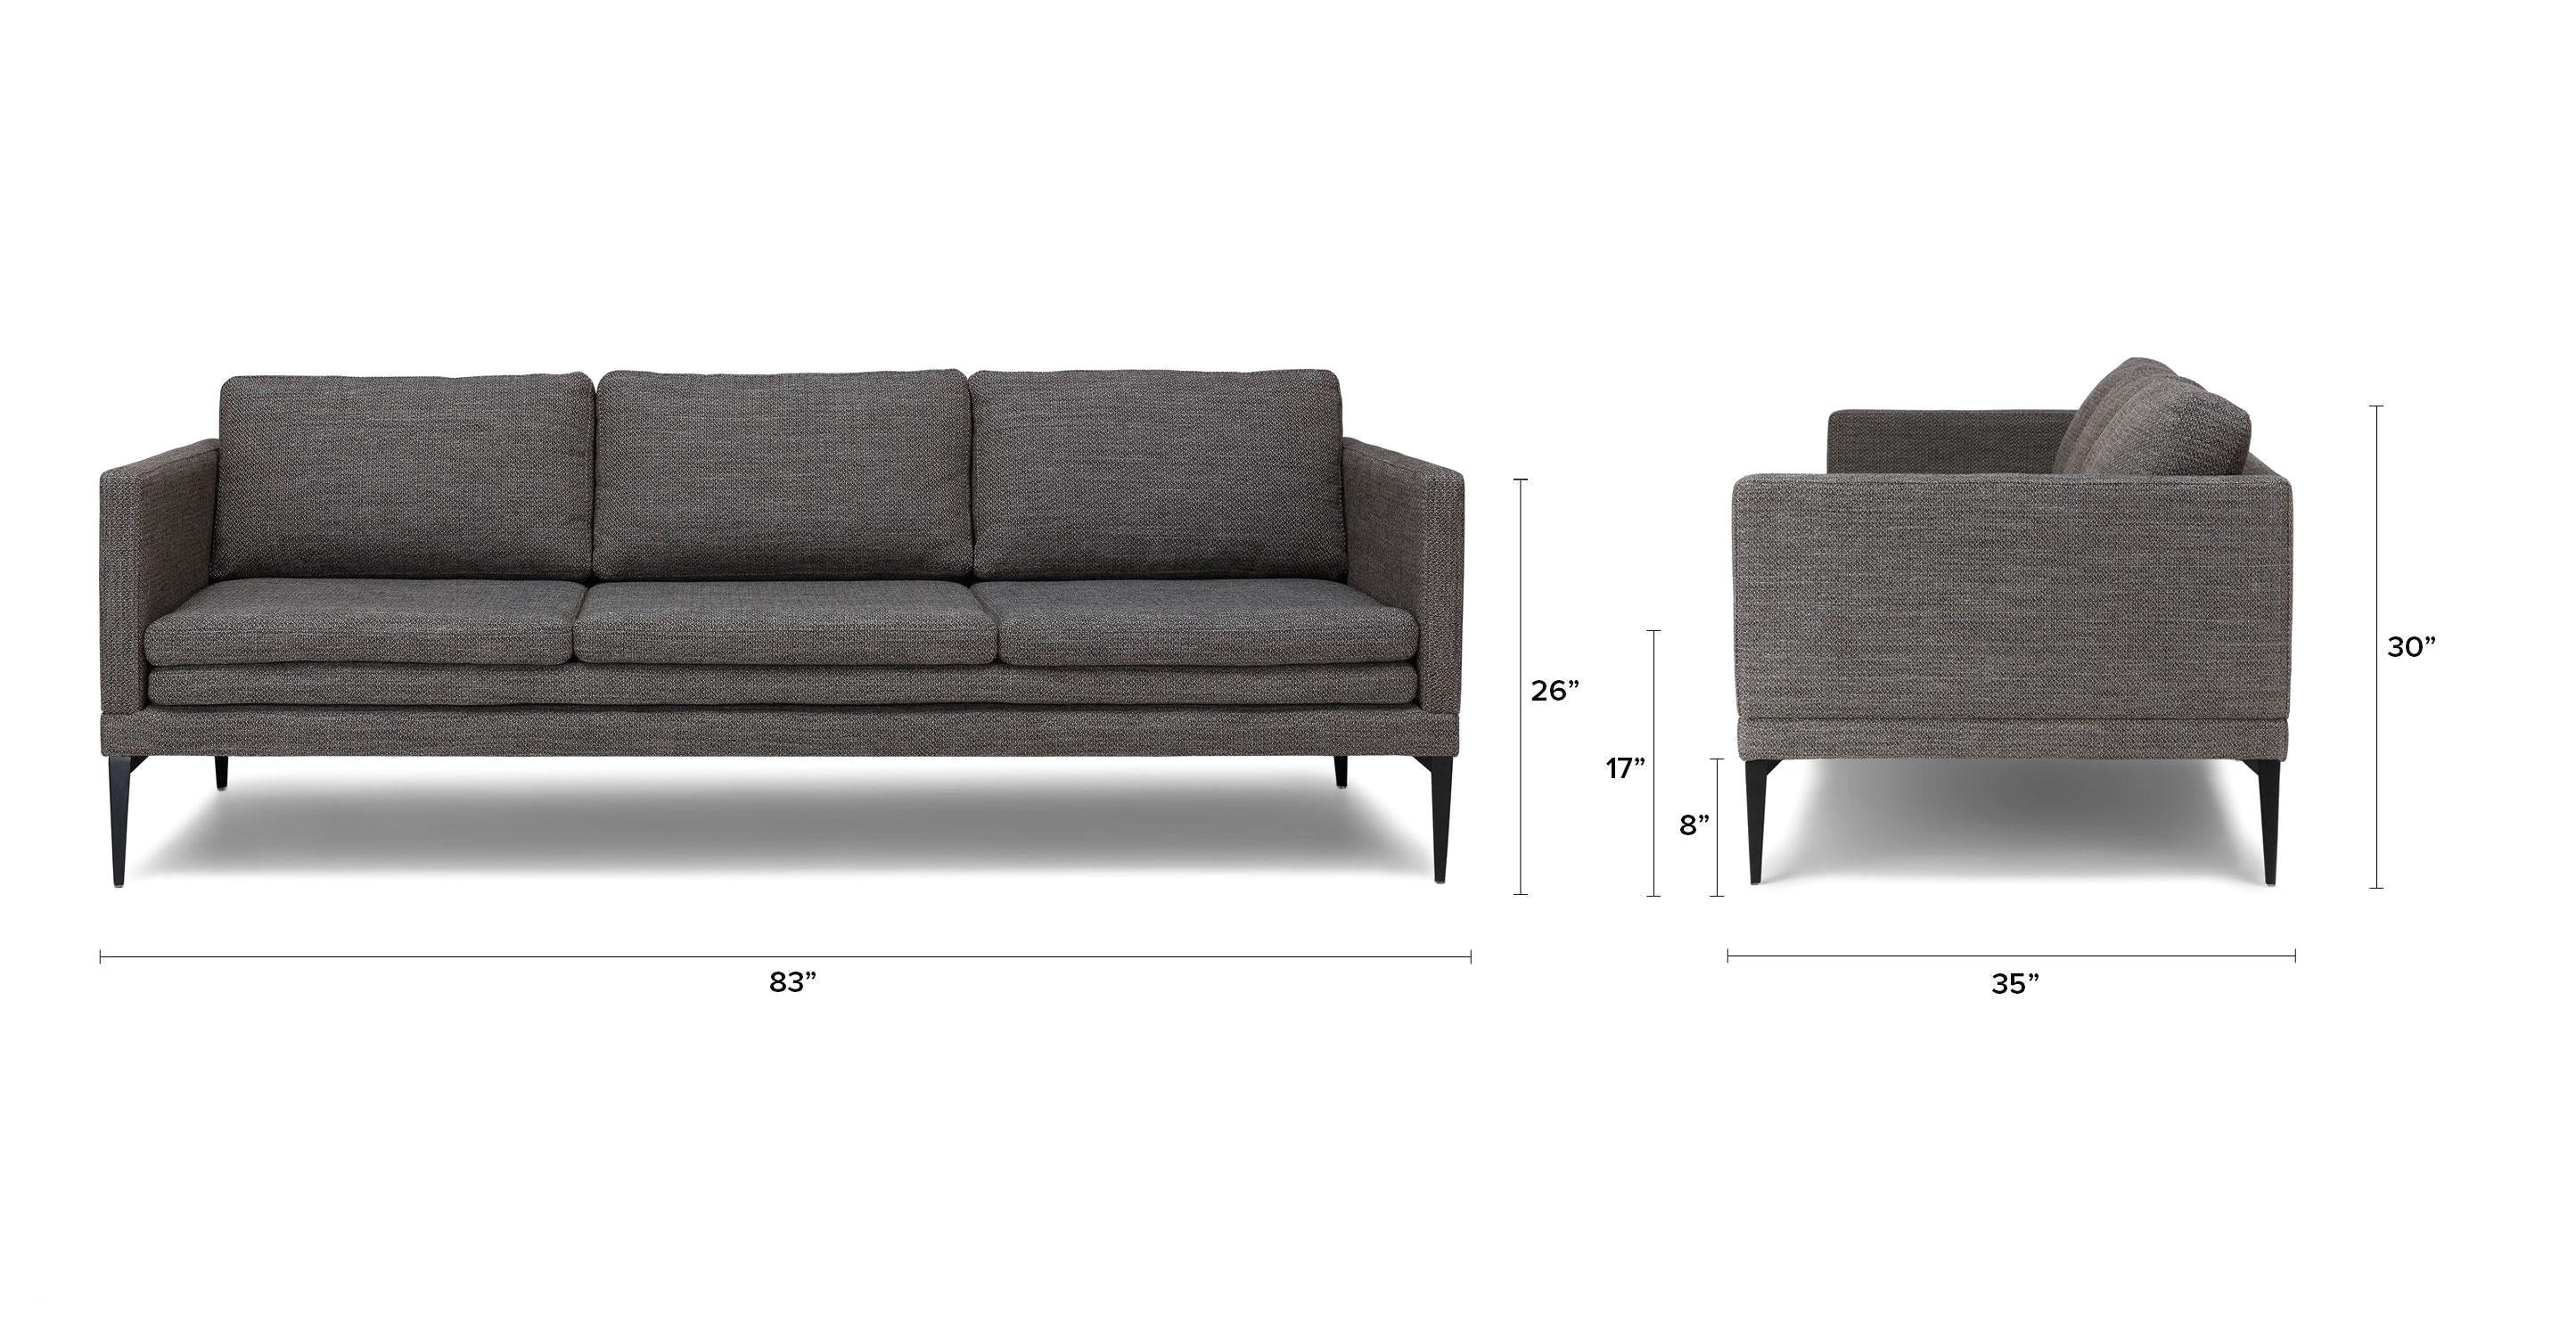 ikea ausziehcouch elegant ikea corner sofa luxury sofa 140 interior 50 inspirational ikea sofa bilder of